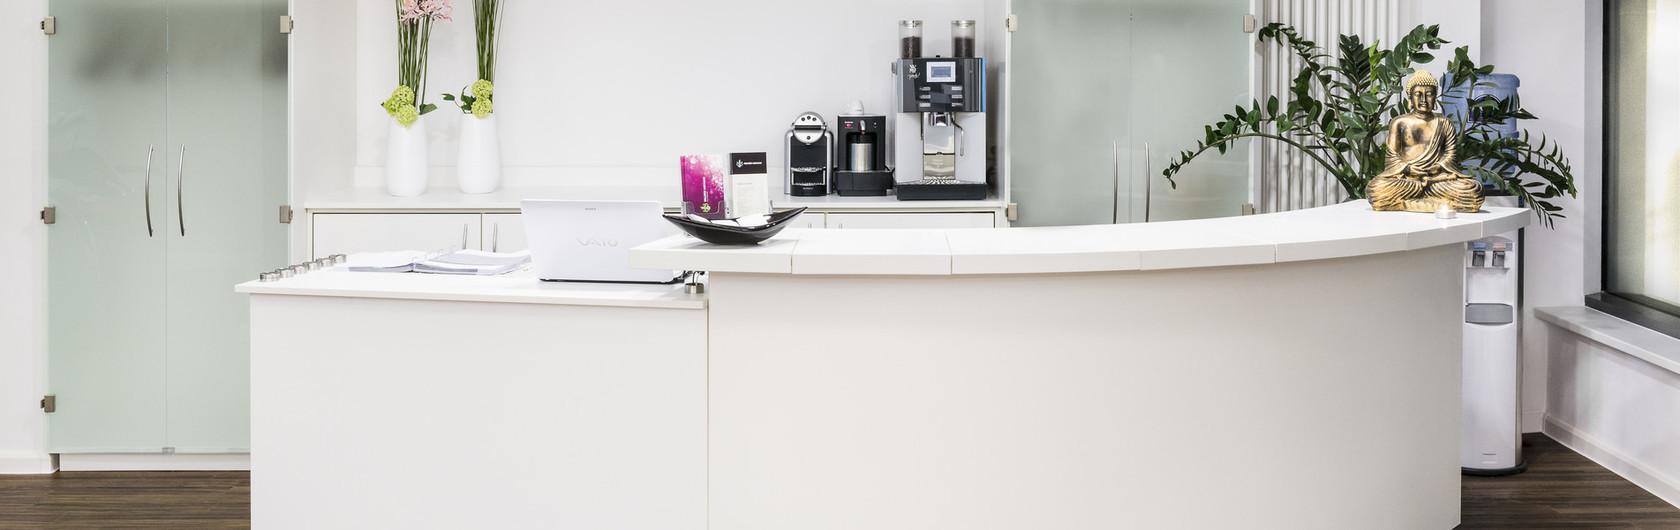 die besten 25 n chster friseursalon ideen auf pinterest. Black Bedroom Furniture Sets. Home Design Ideas